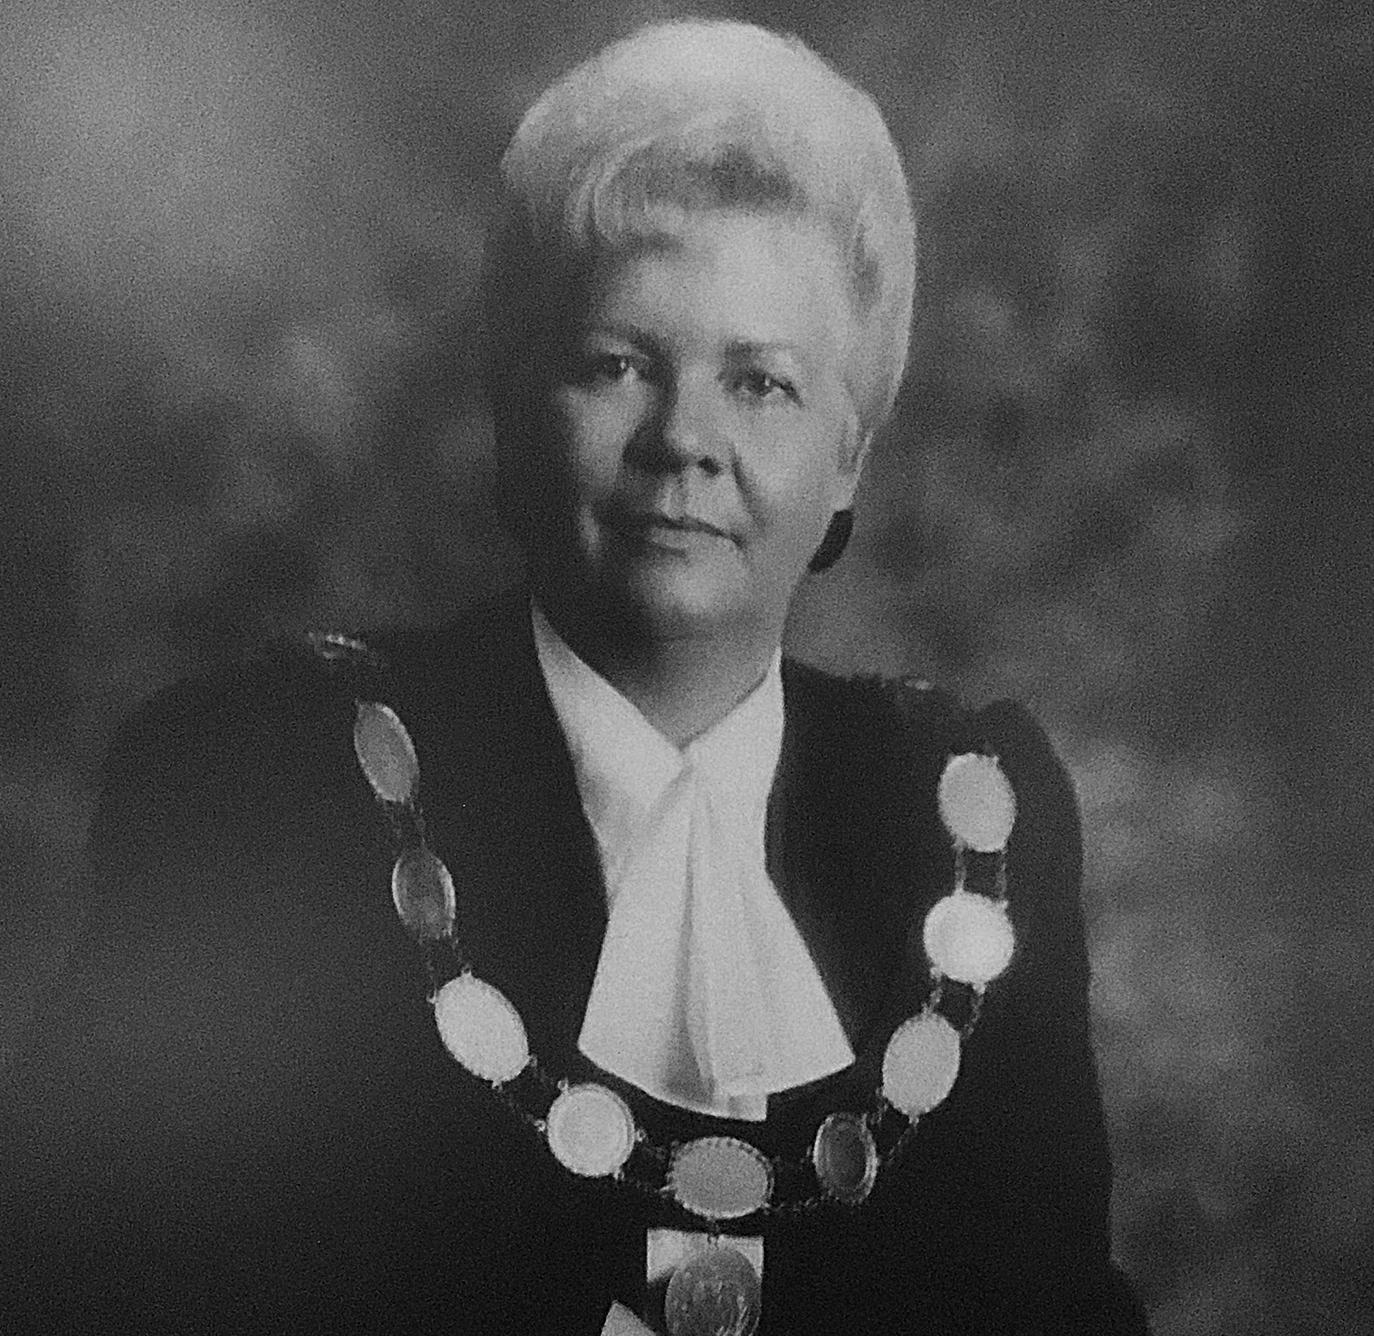 Former warden, Arthur reeve Doreen Hostrawser receives Louella Logan Award